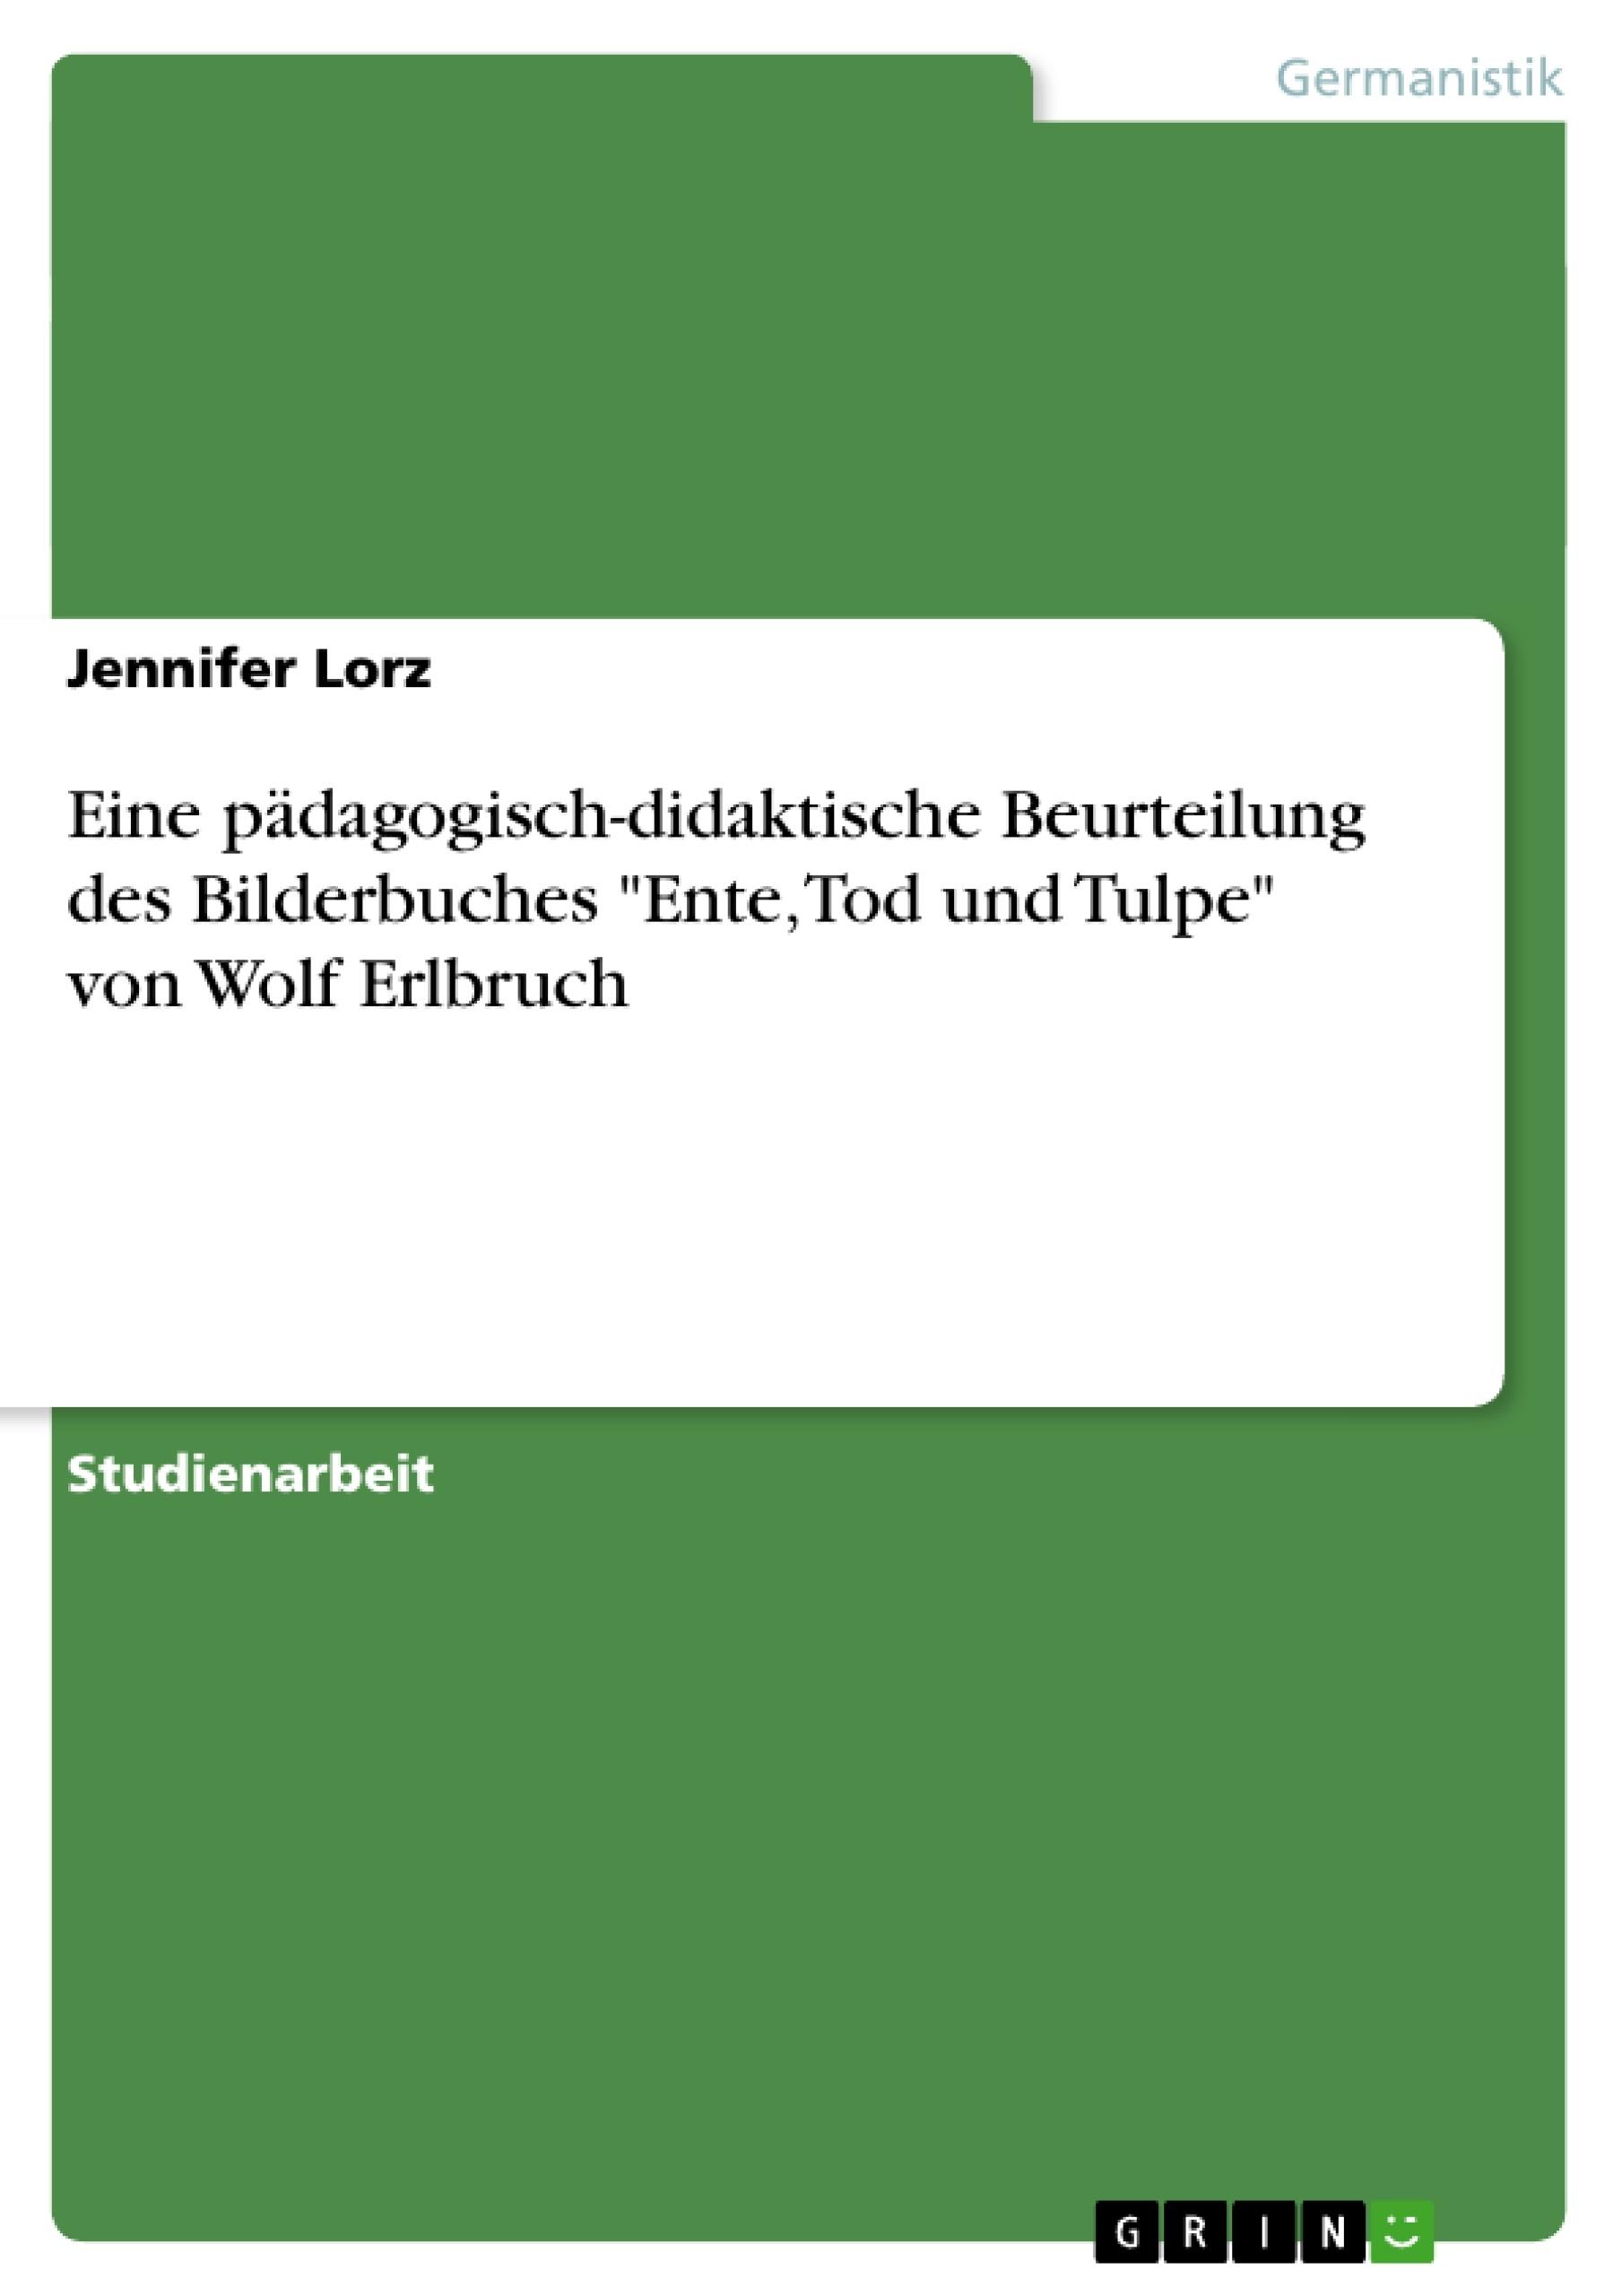 """Titel: Eine pädagogisch-didaktische Beurteilung des Bilderbuches """"Ente, Tod und Tulpe"""" von Wolf Erlbruch"""